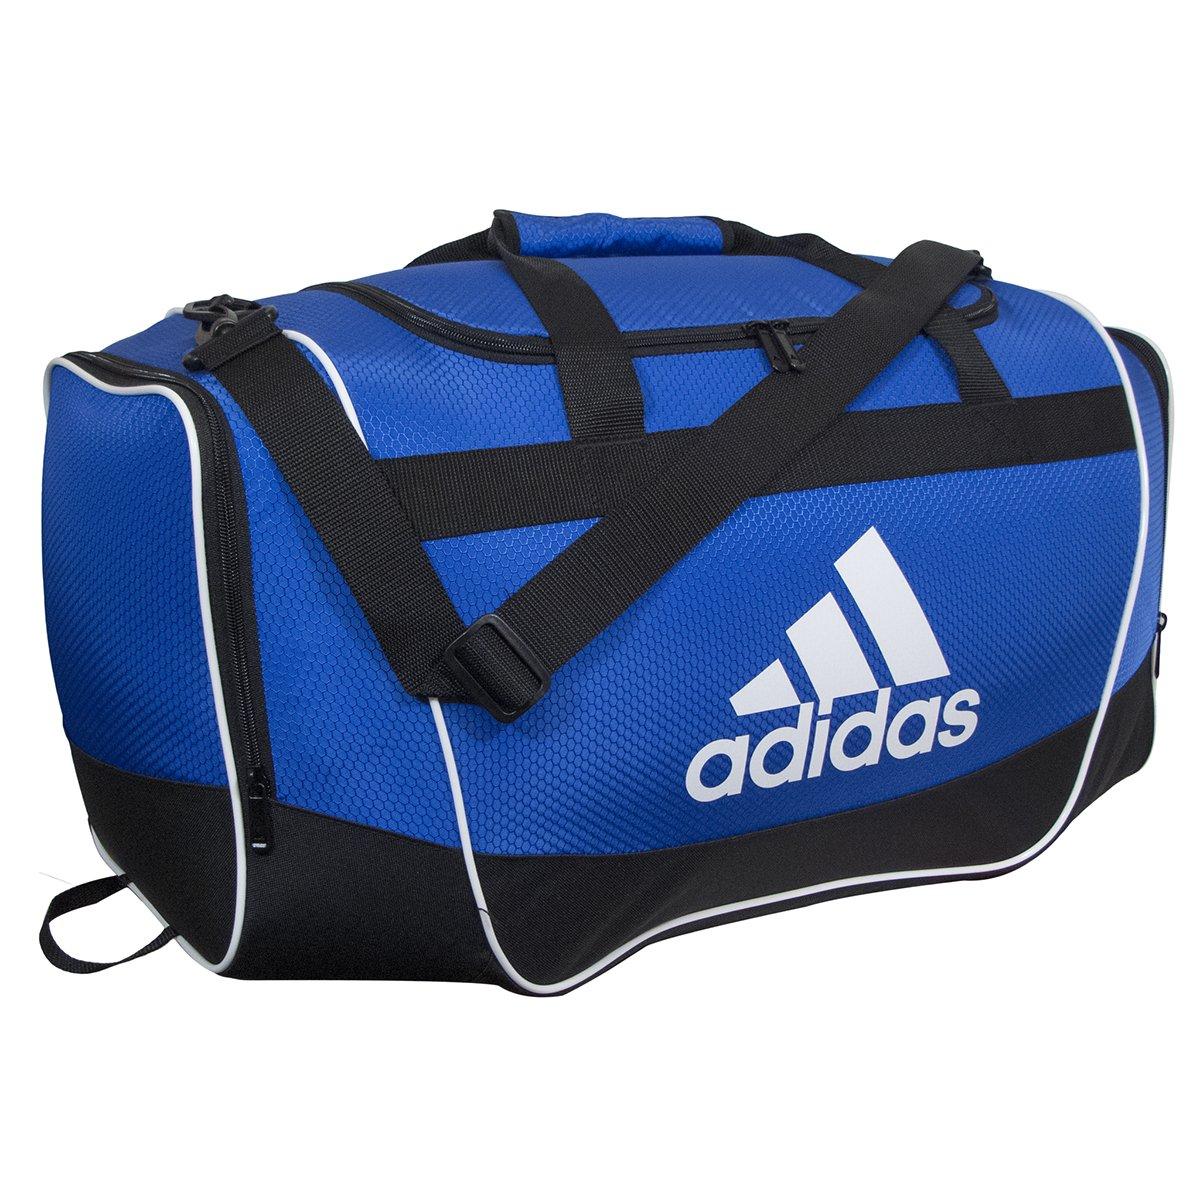 d238aa951dfa6d Amazon.com: adidas Defender II Duffel Bag: Clothing